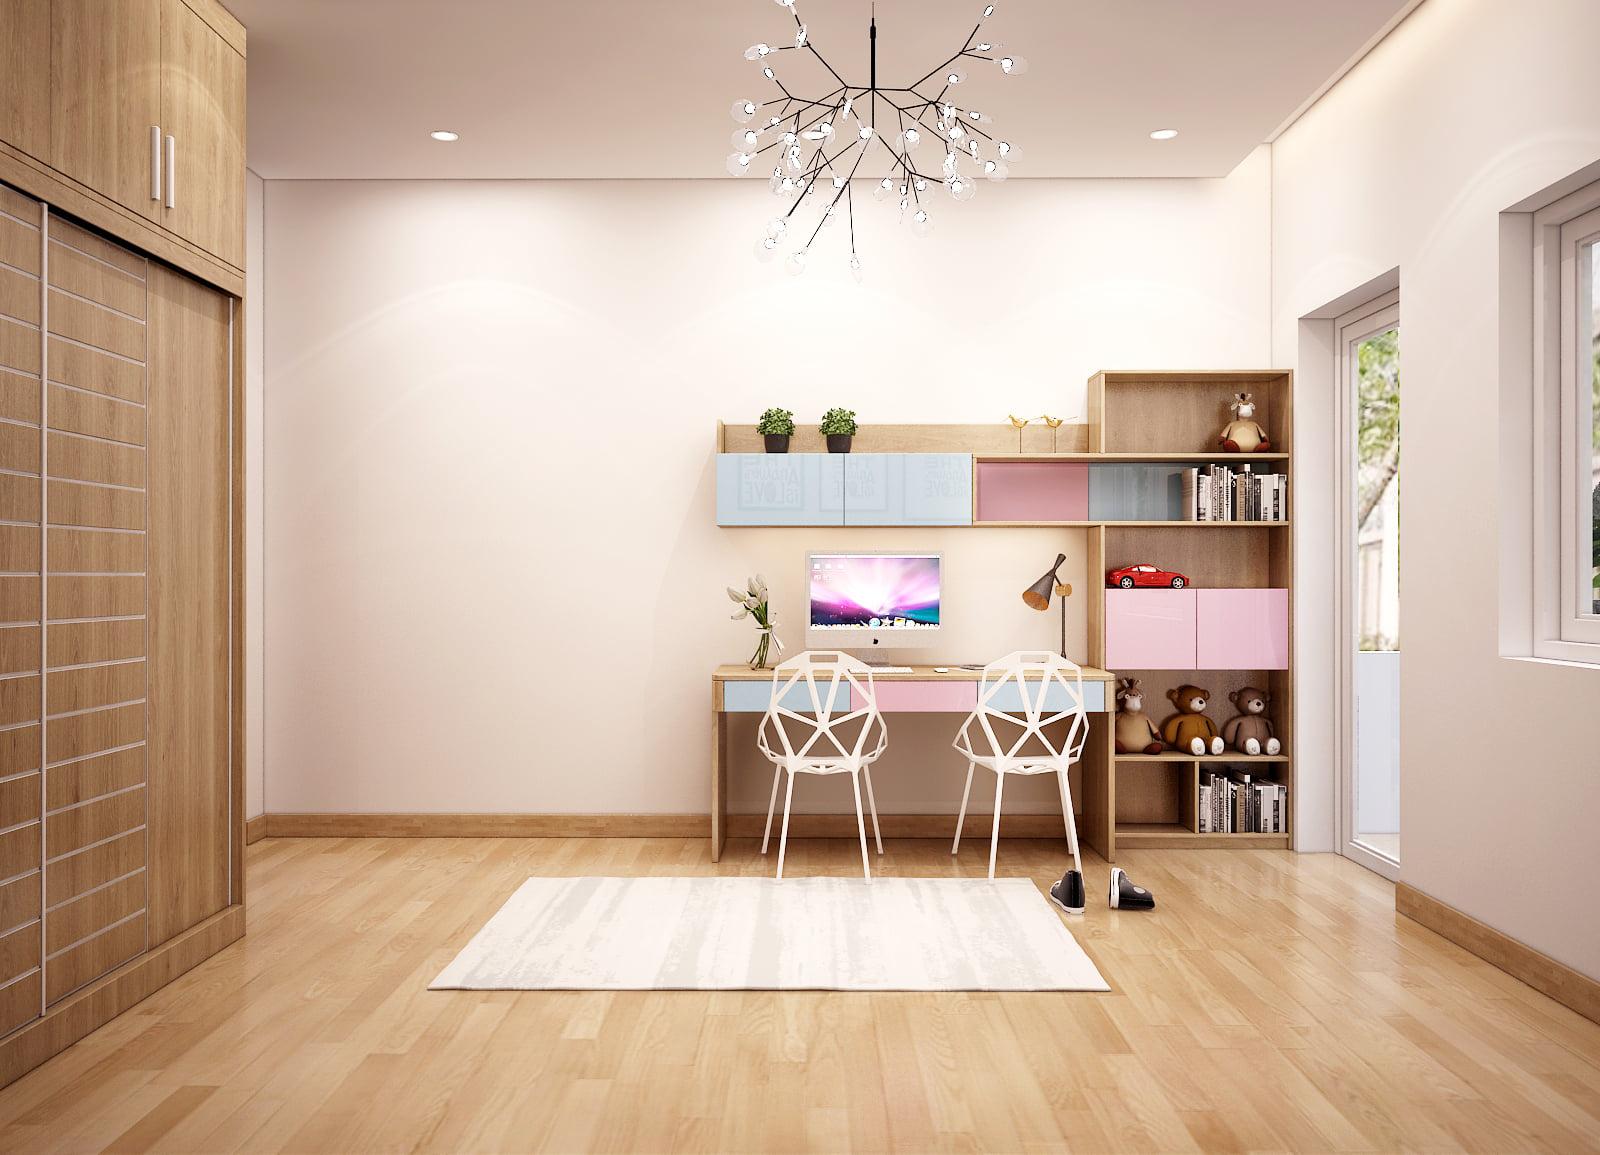 Mẫu thiết kế nội thất tông màu nude